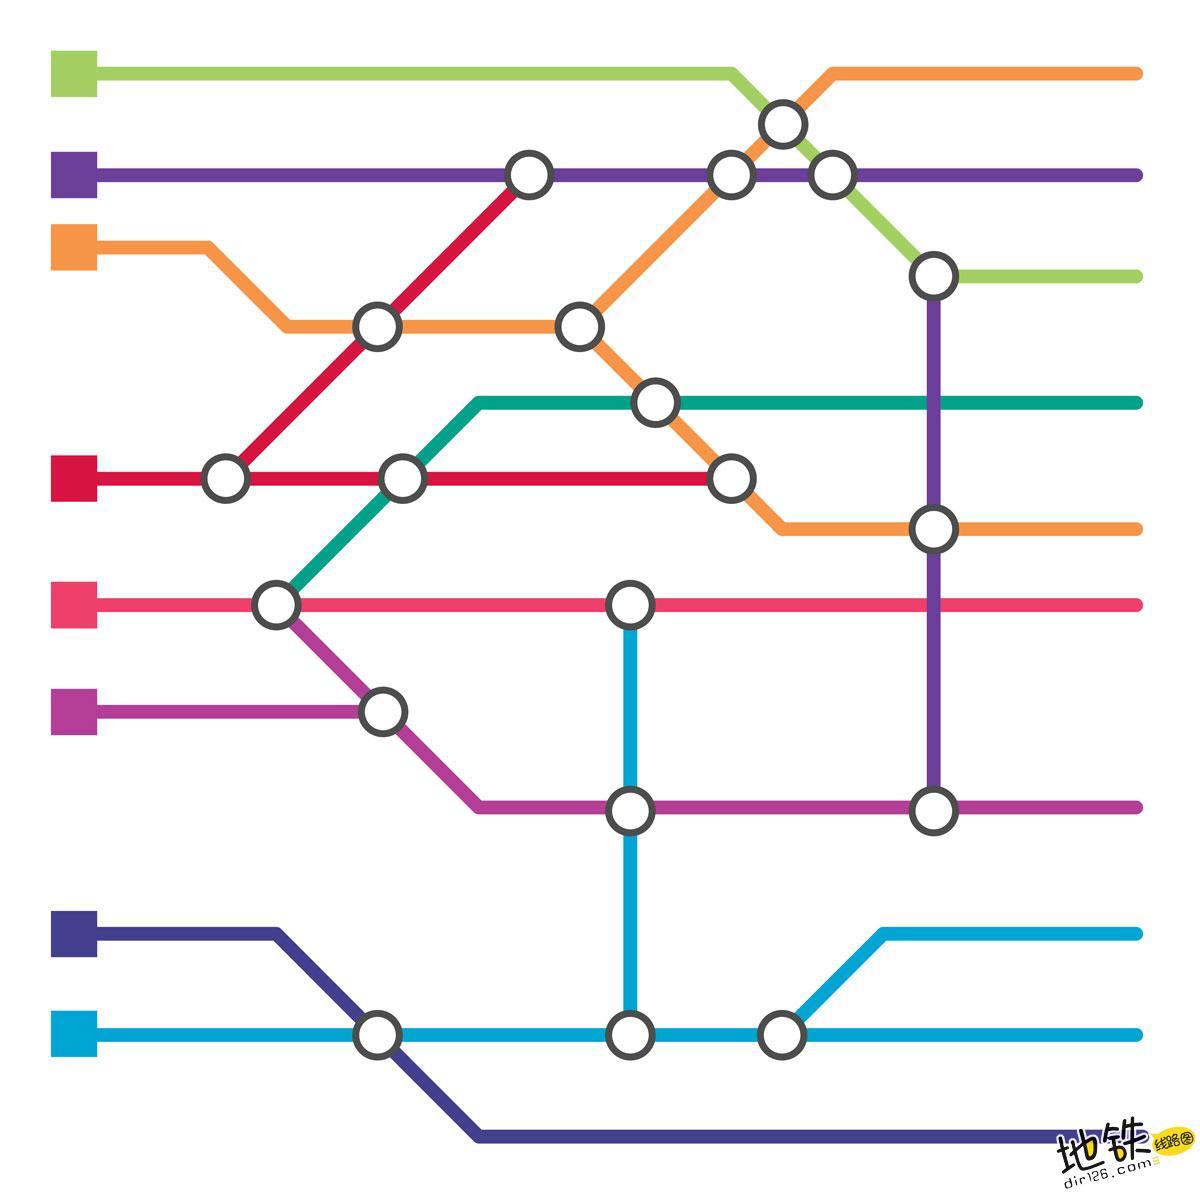 城市轨道交通地铁线路的布置方式及分类 联合式 分离式 线网 地铁 轨道交通 轨道知识  第1张